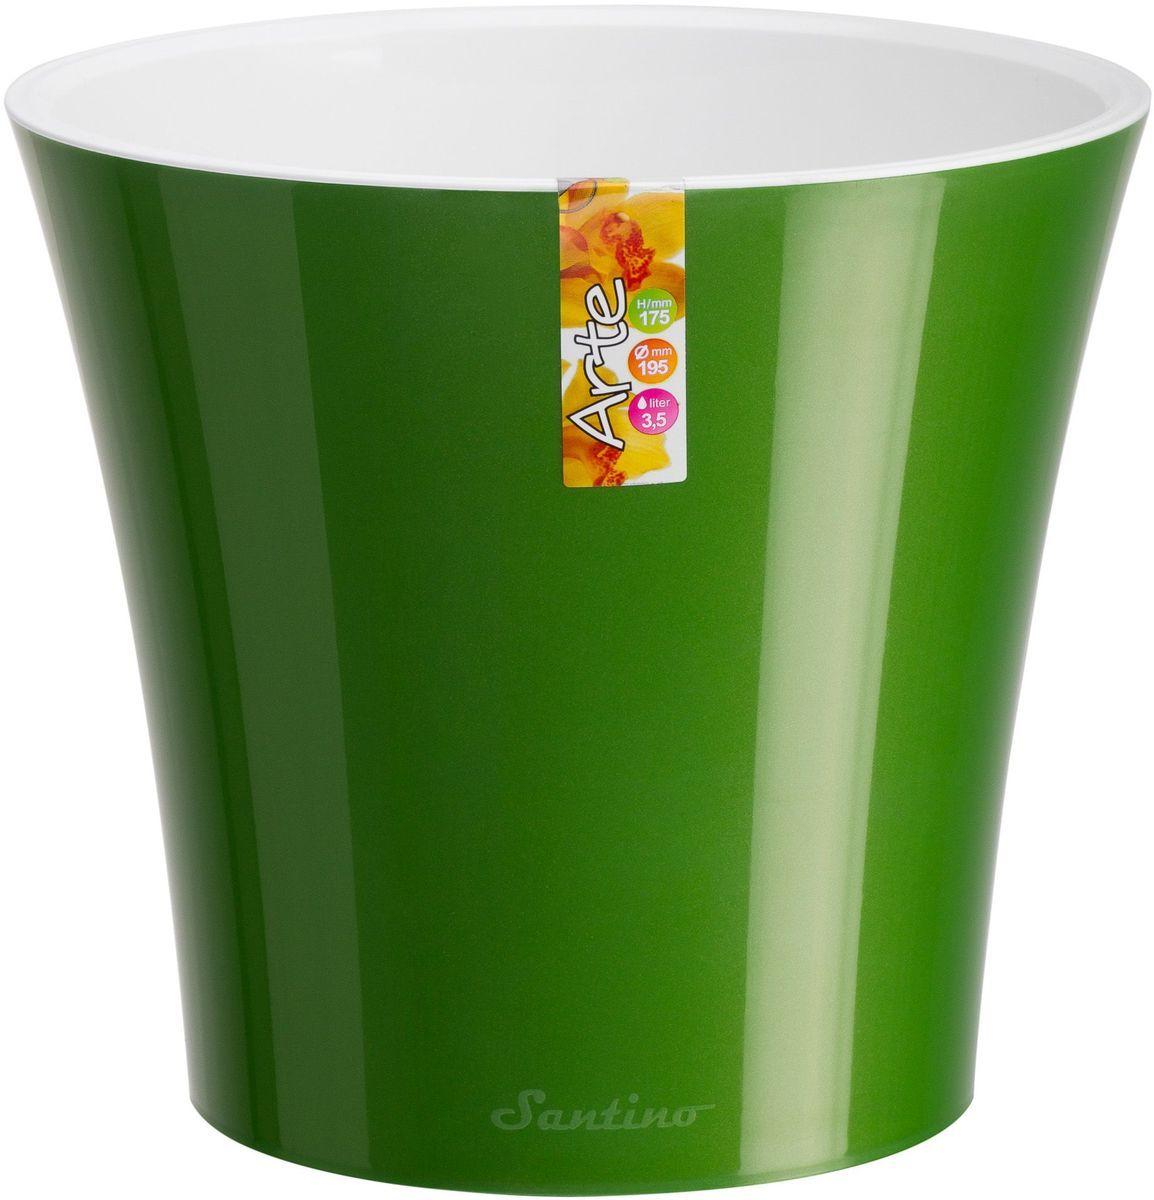 Горшок цветочный Santino Арте, двойной, с системой автополива, цвет: зеленое золото, белый, 1,2 лZ-0307Горшок цветочный Santino Арте снабжен дренажной системой и состоят из кашпо и вазона-вкладыша. Изготовлен из пластика.Особенность: тарелочка или блюдце не нужны.Горшок предназначен для любых растений или цветов. Цветочный дренаж – это система, которая позволяет выводить лишнюю влагу через корневую систему цветка и слой почвы. Растение – это живой организм, следовательно, ему необходимо дышать. В доступе к кислороду нуждаются все части растения: -листья; -корневая система.Если цветовод по какой-либо причине зальет цветок водой, то она буквально вытеснит из почвенного слоя все пузырьки кислорода. Анаэробная среда способствует развитию различного рода бактерий. Безвоздушная среда приводит к загниванию корневой системы, цветок в результате увядает.Суть работы дренажной системы заключается в том, чтобы осуществлять отвод лишней влаги от растения и давать возможность корневой системе дышать без проблем. Следовательно, каждому цветку необходимо:-иметь в основании цветочного горшочка хотя бы одно небольшое дренажное отверстие. Оно необходимо для того, чтобы через него выходила лишняя вода, плюс ко всему это отверстие дает возможность циркулировать воздух.-на самом дне горшка необходимо выложить слоем в 2-5 см (зависит от вида растения) дренаж.